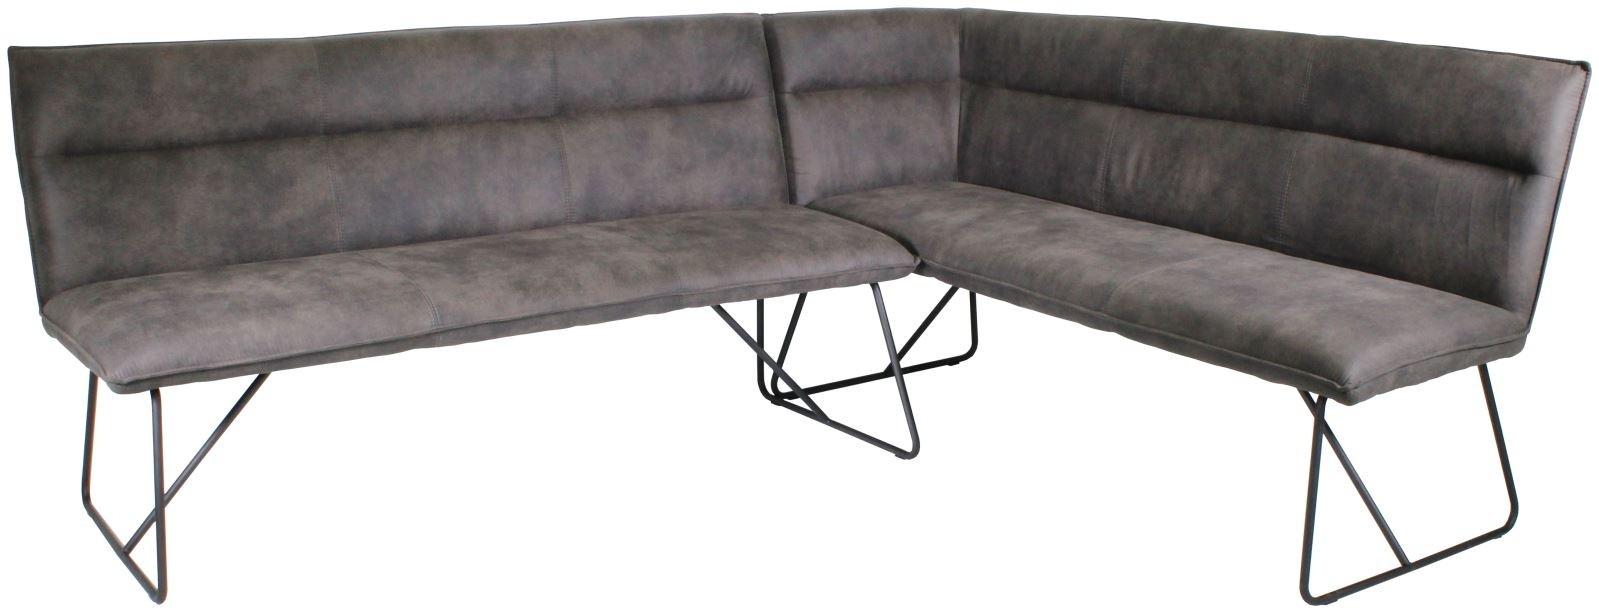 LARSON Corner Bench Set (RH) - Grey Suede